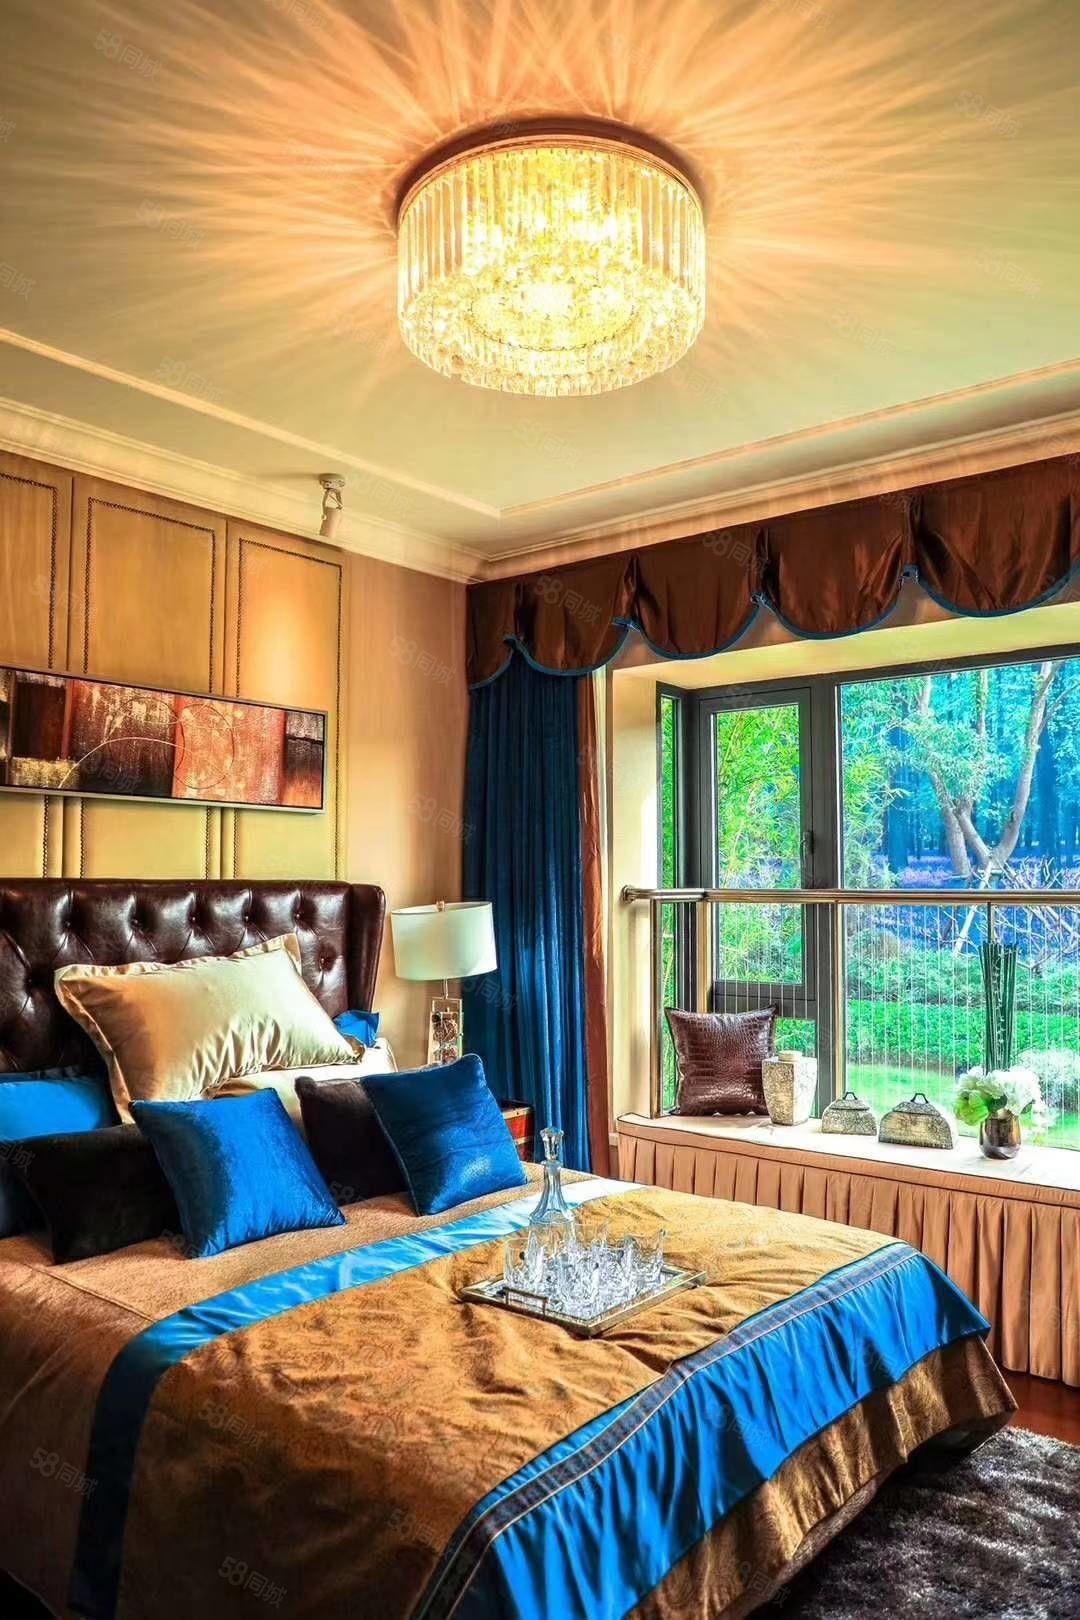 秦汉新城,恒大文化旅游城,精装修湖景房三室两厅两卫